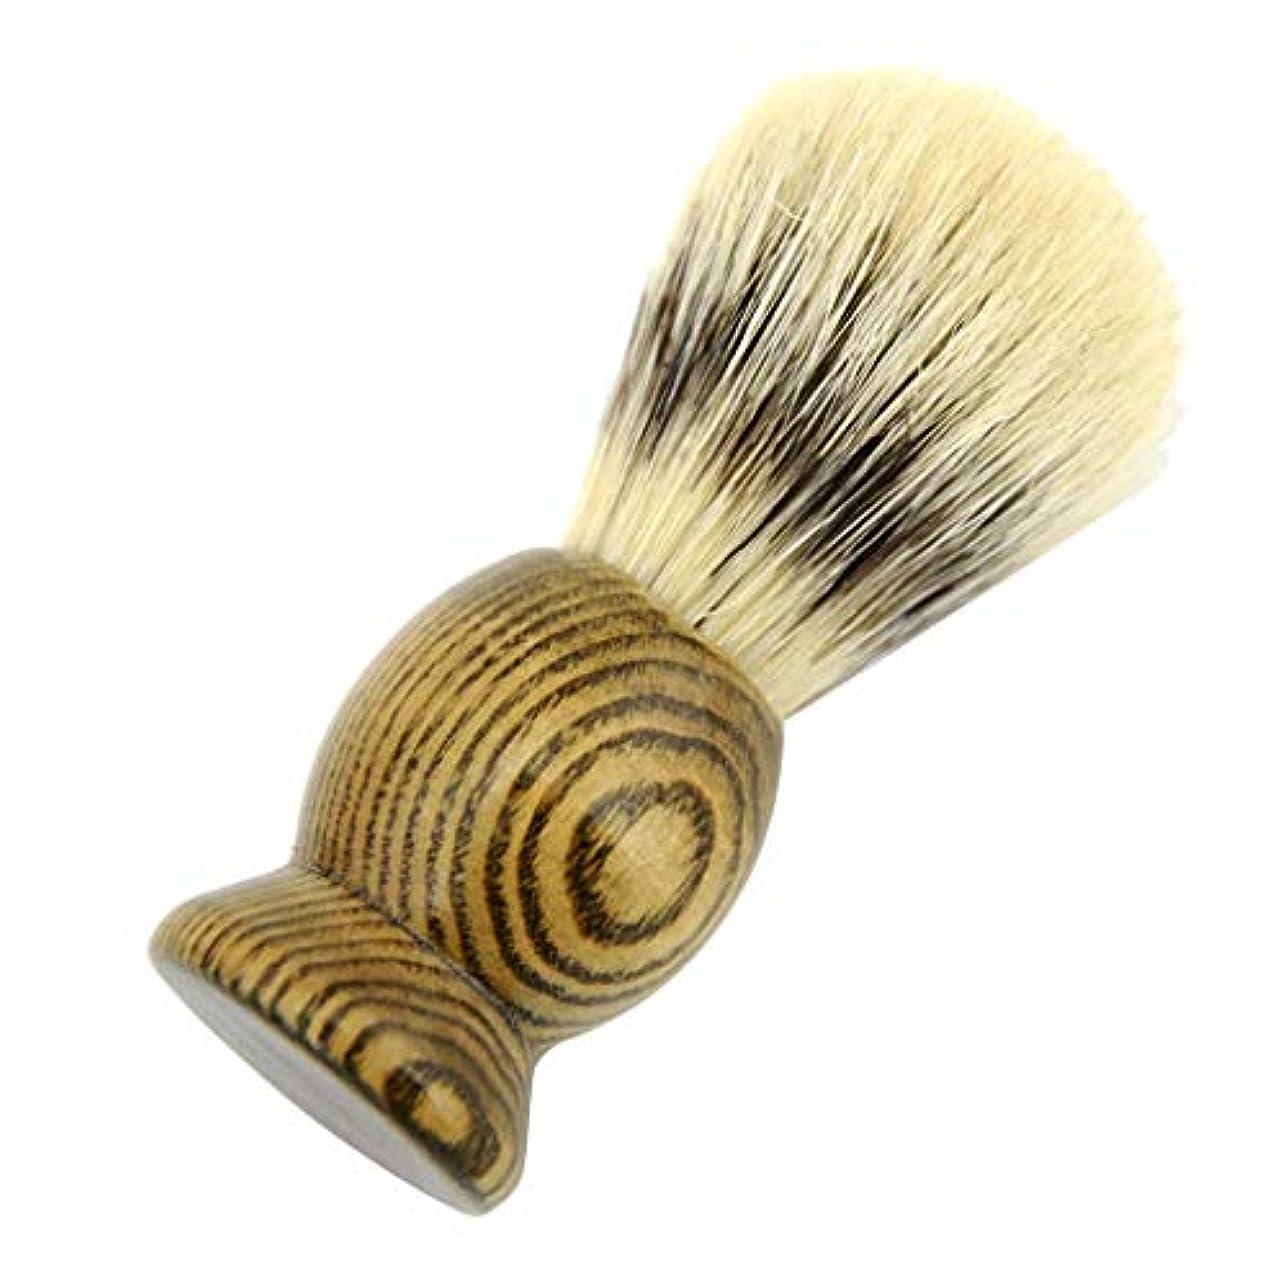 いちゃつく褐色境界sharprepublic ひげブラシ メンズ シェービングブラシ 髭剃り 理容 洗顔 ポータブルひげ剃り美容ツール